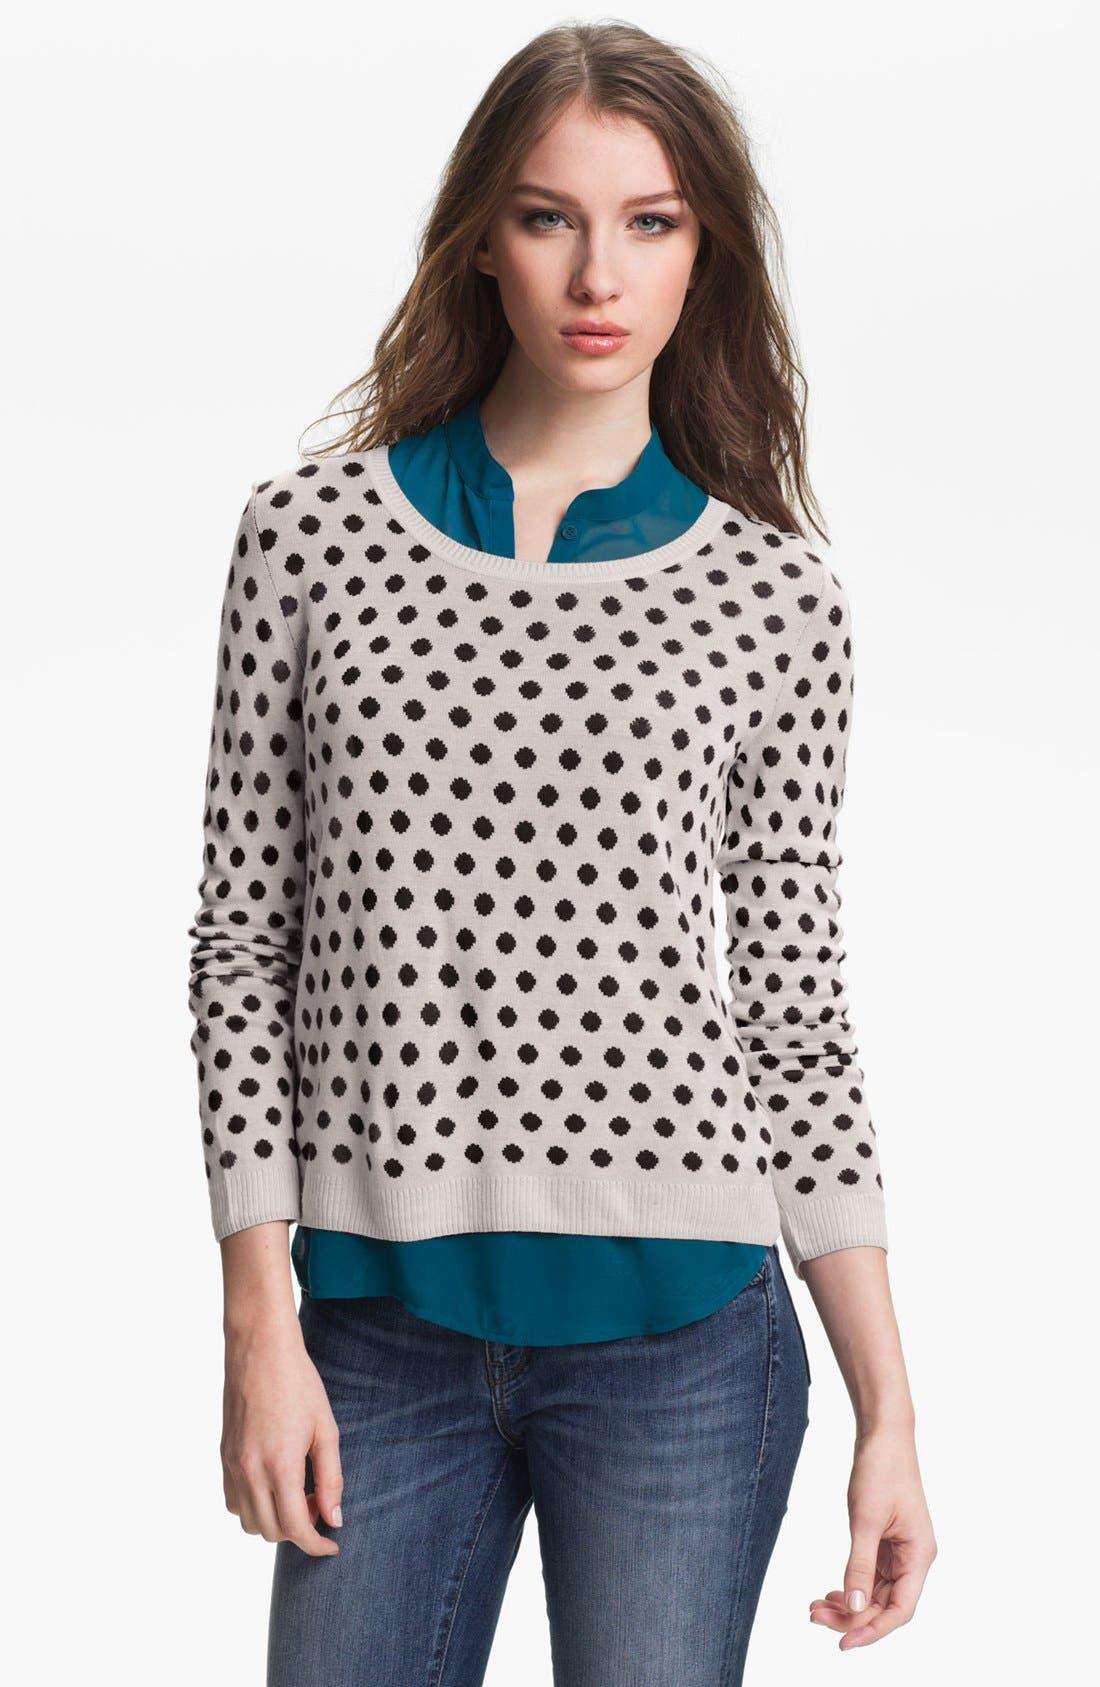 Main Image - Kensie Reversible Dot Sweater